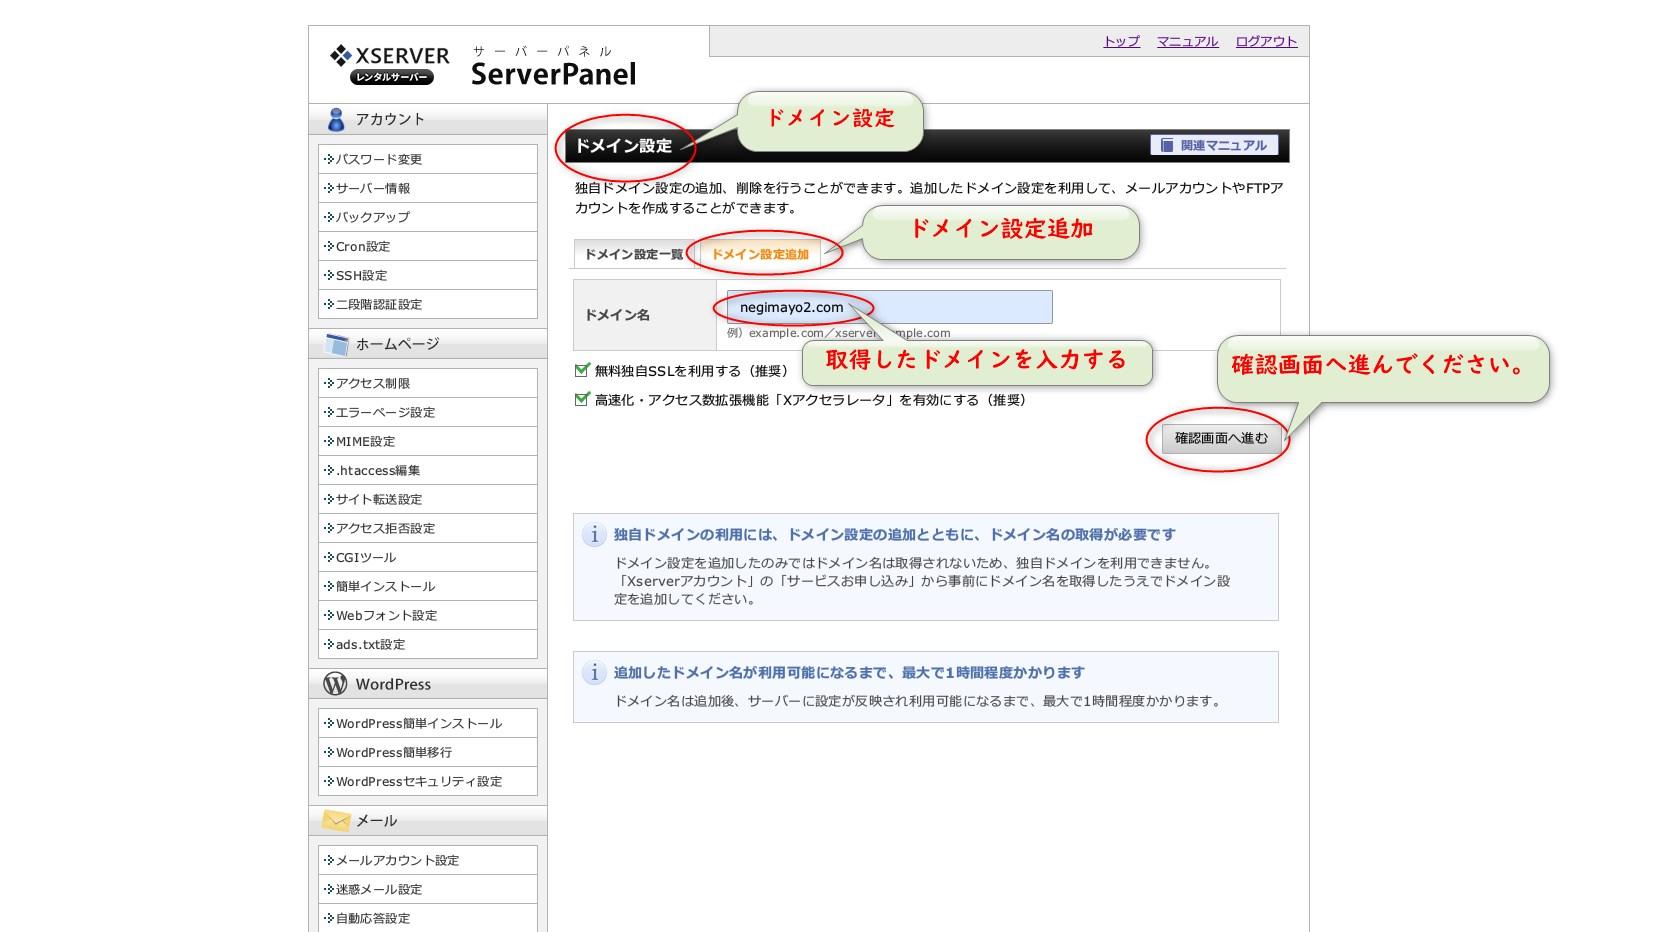 エックスサーバー公式サイト、ドメイン設定